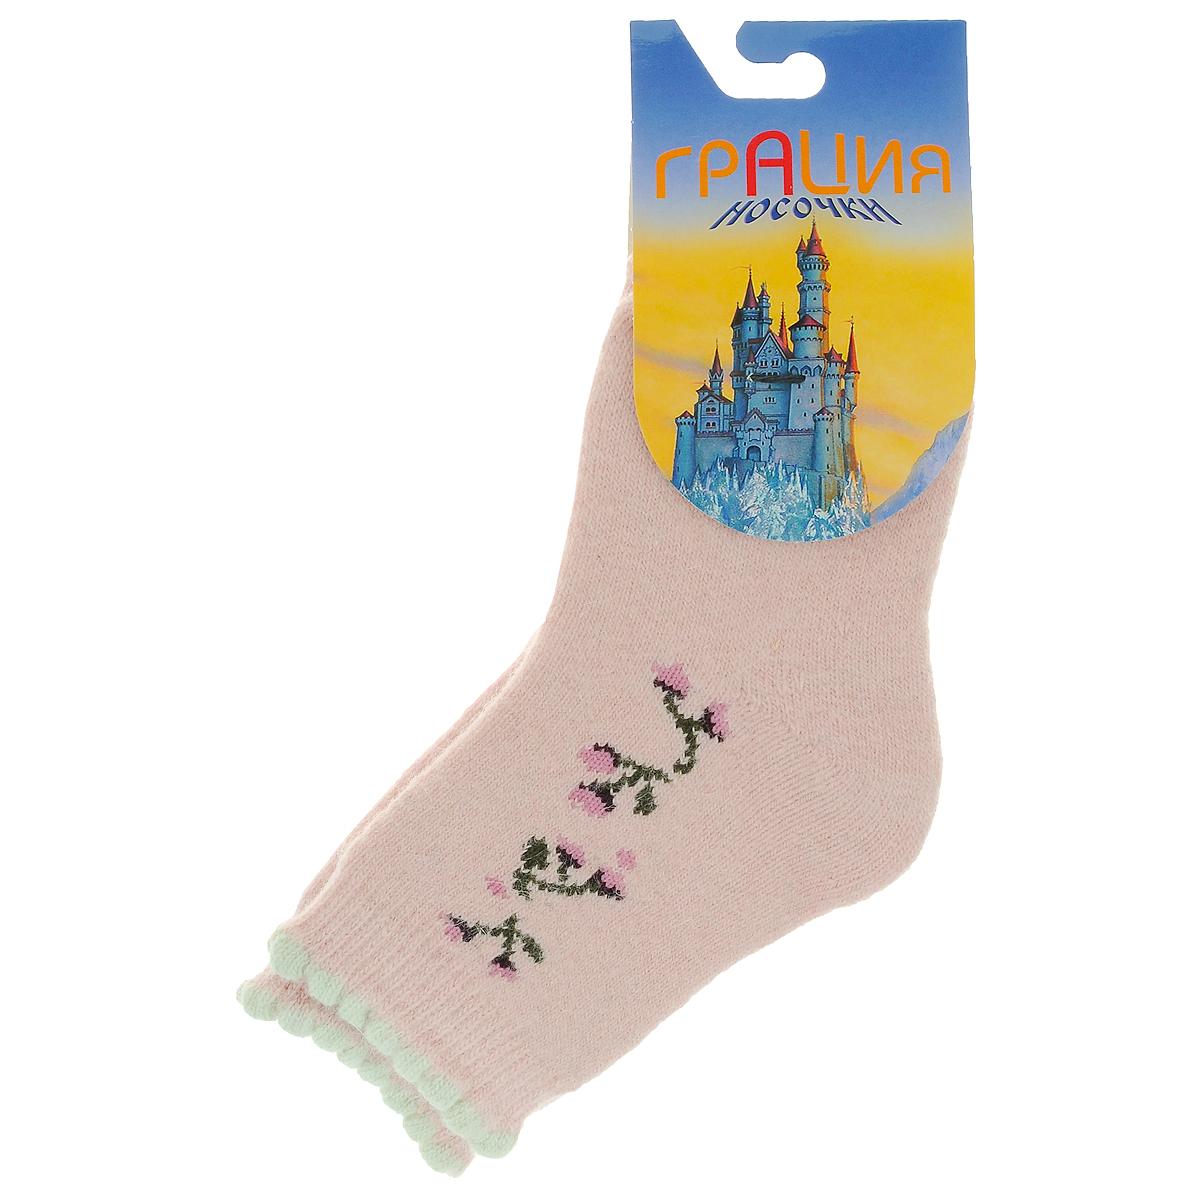 НоскиД 2302_24Детские теплые носки Грация - прекрасный вариант для вашего ребенка. Они изготовлены из пряжи смешанного состава, очень мягкие на ощупь, не раздражают даже самую нежную и чувствительную кожу. Лицевая сторона гладкая, а изнаночная - с мягкой теплой махрой. Носки имеют эластичную резинку с волнистым краем и плоский шов на мыске. Оформлена модель на щиколотке вязаным рисунком в виде цветов. Они послужат замечательным дополнением к детскому гардеробу!